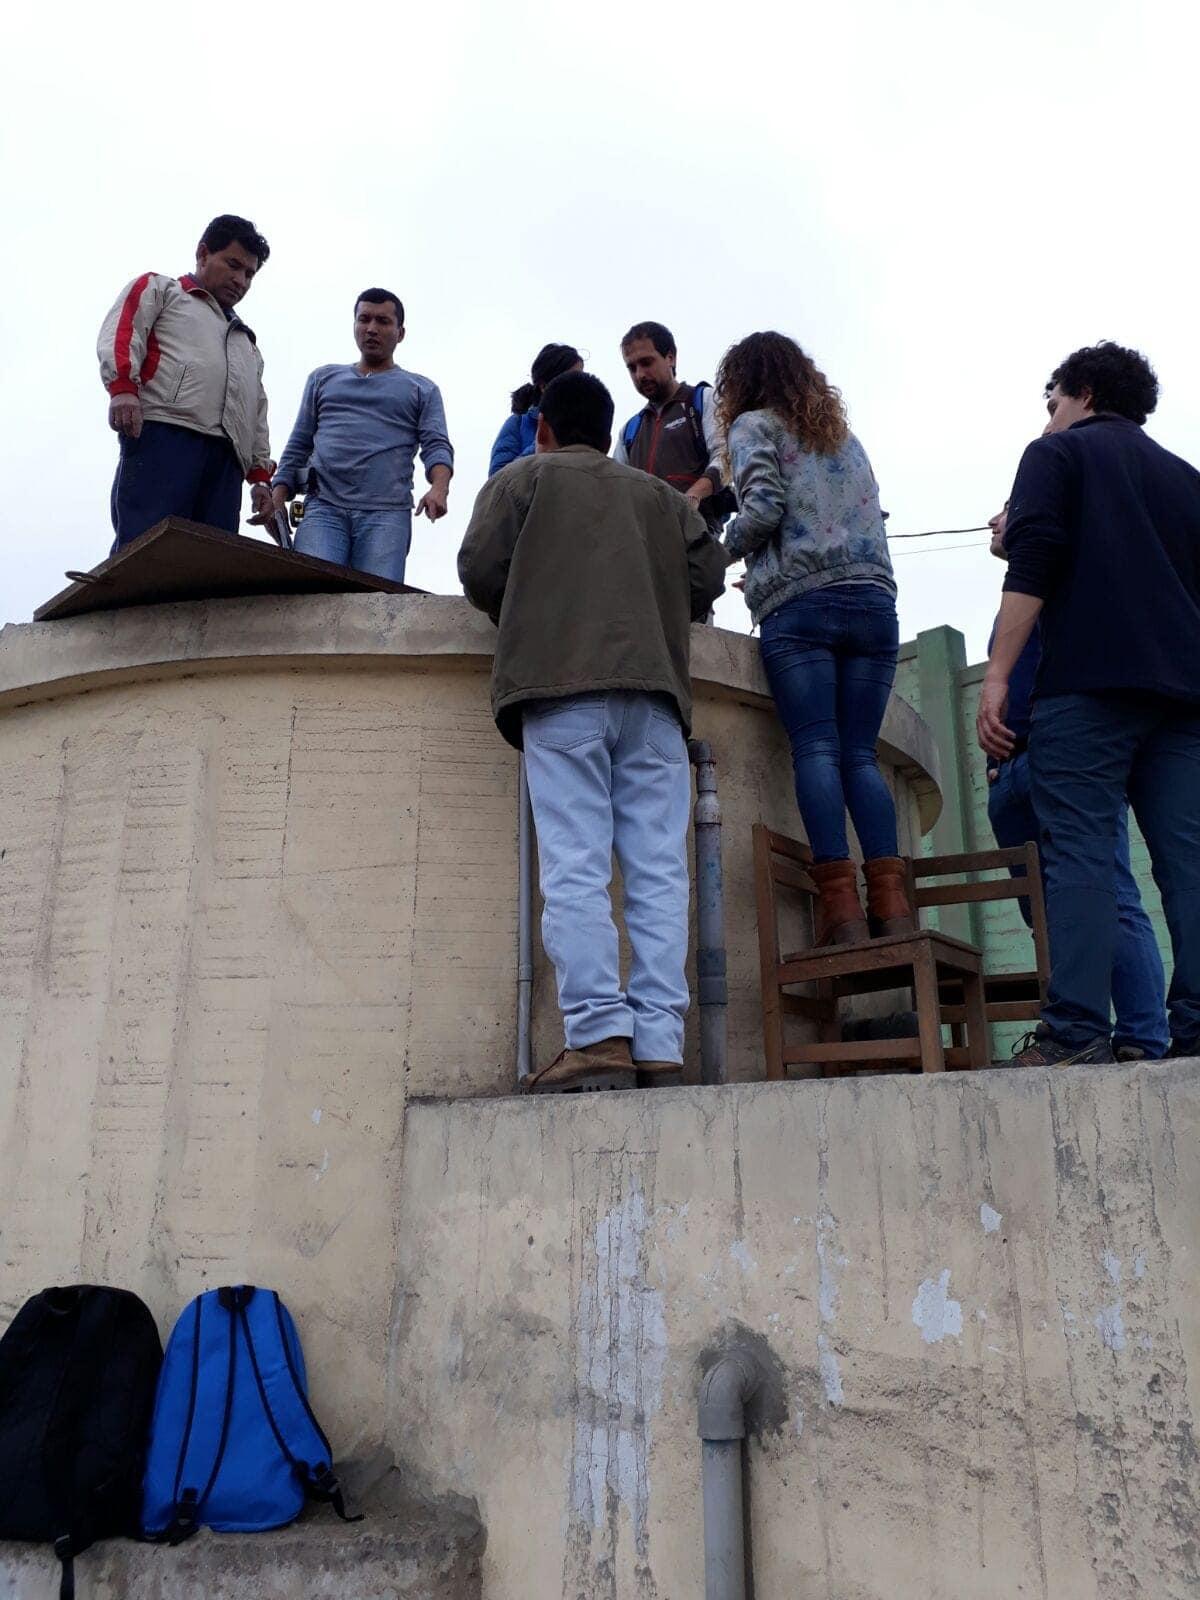 Llevando agua potable en Perú